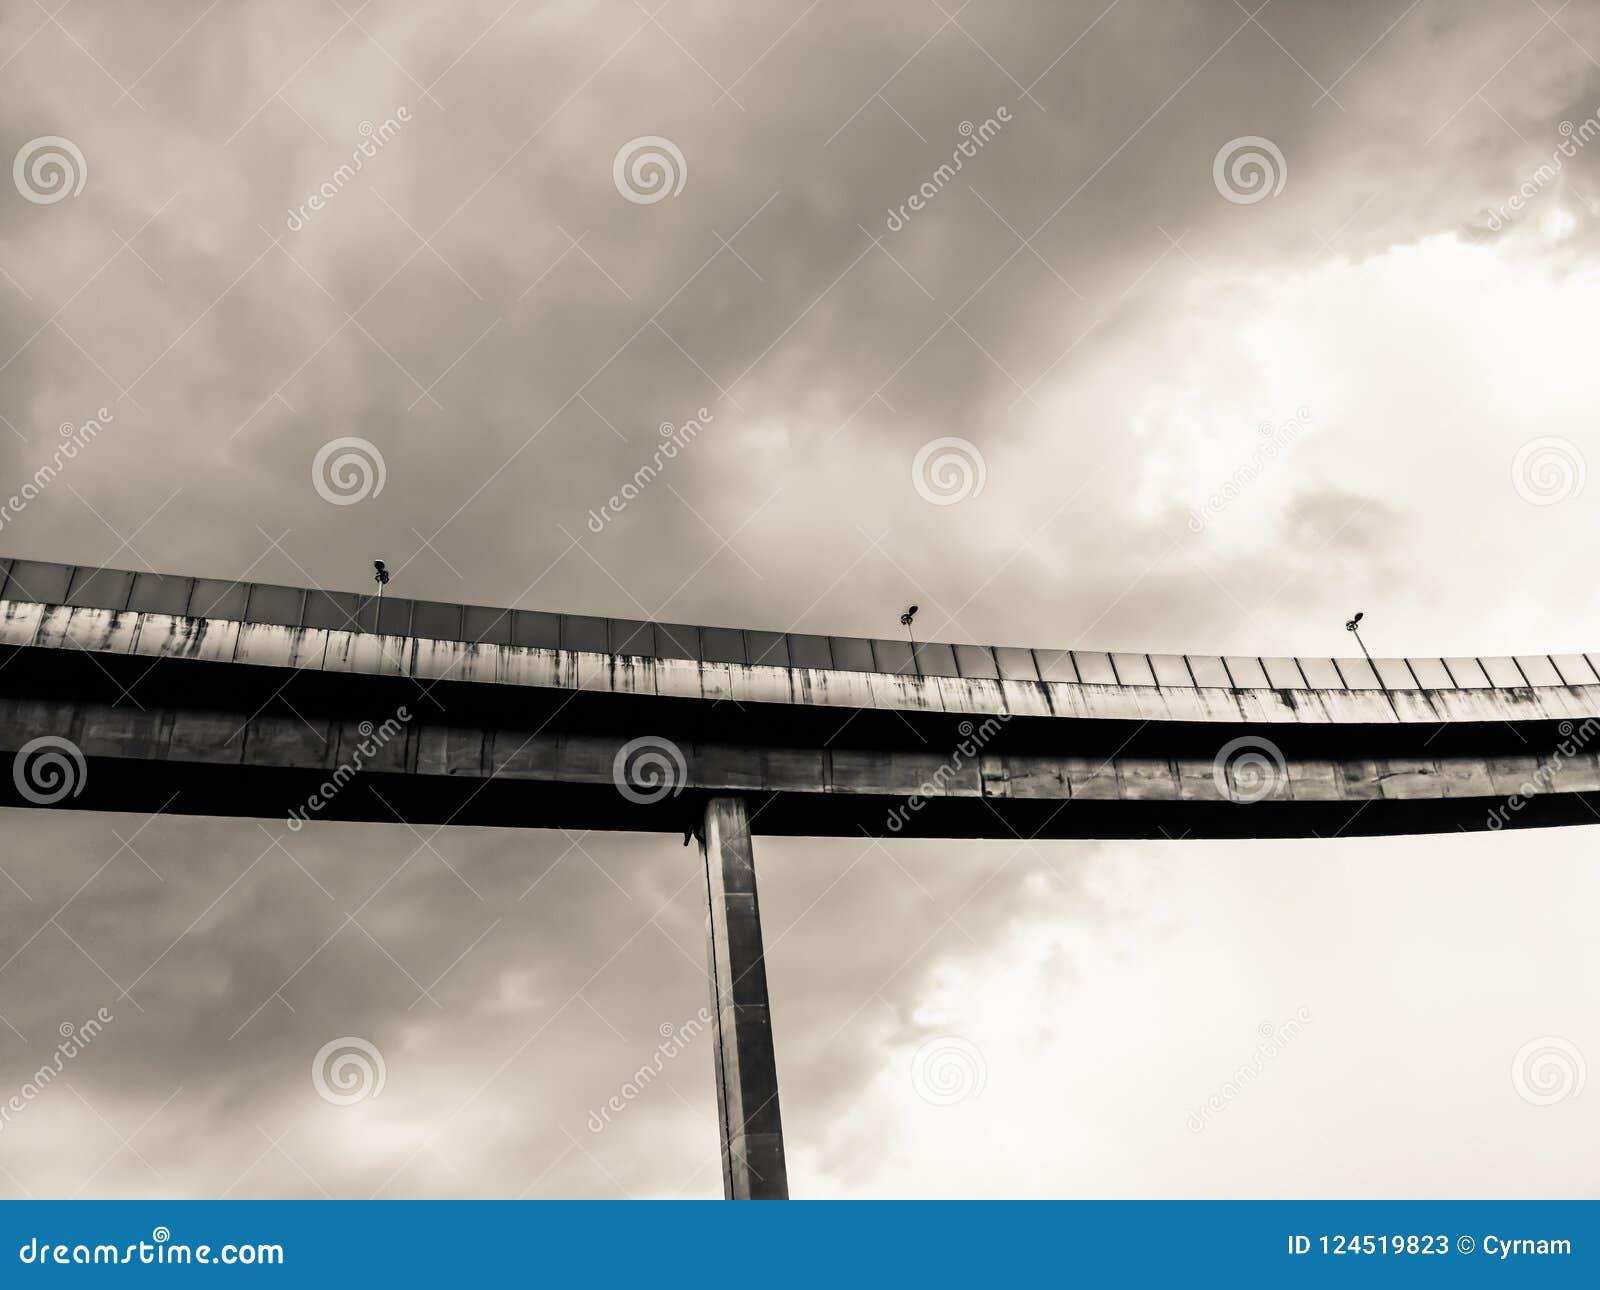 Maneira da antena e símbolo expressos da estrada do desvio da modernidade, fundo urbano futurista